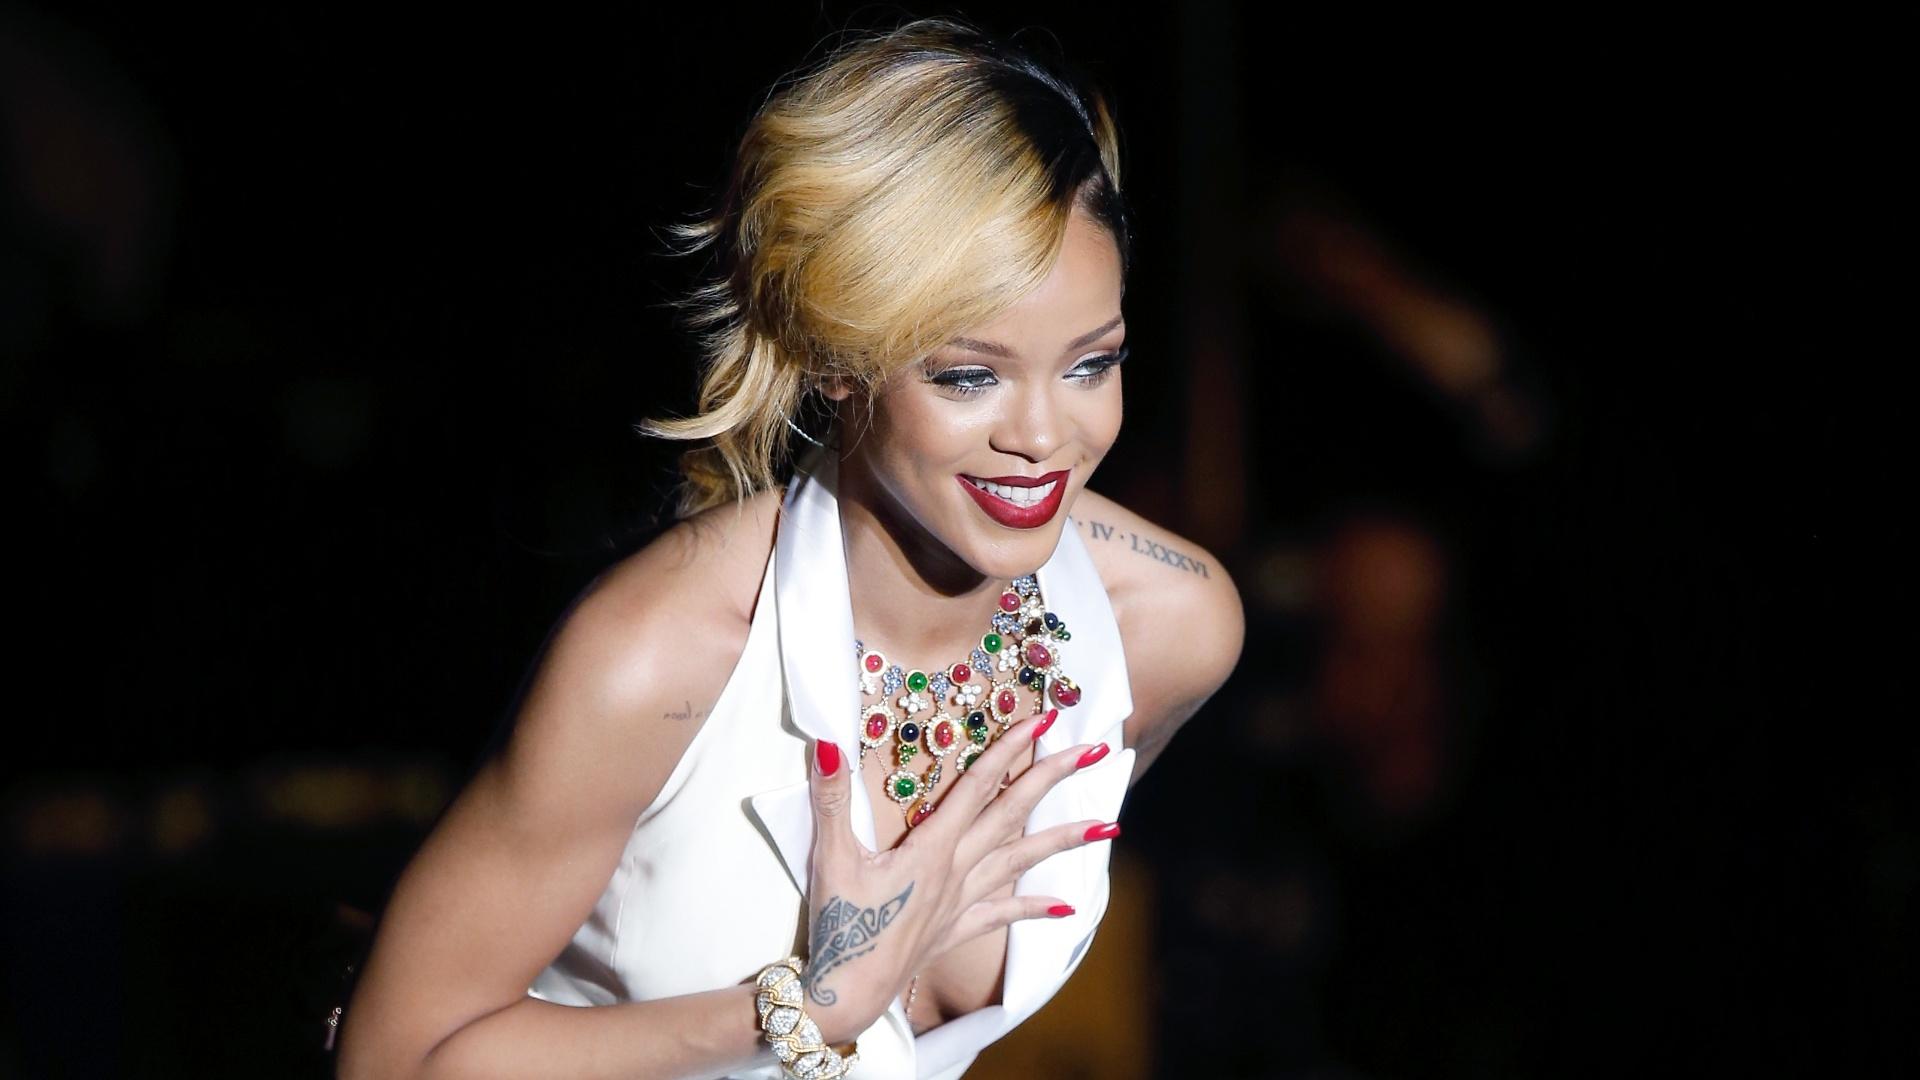 10.jul.2013 - De vestido decotado e parte do cabelo loiro, a cantora Rihanna fez show em Mônaco. A cantora apresentou novo show do disco,